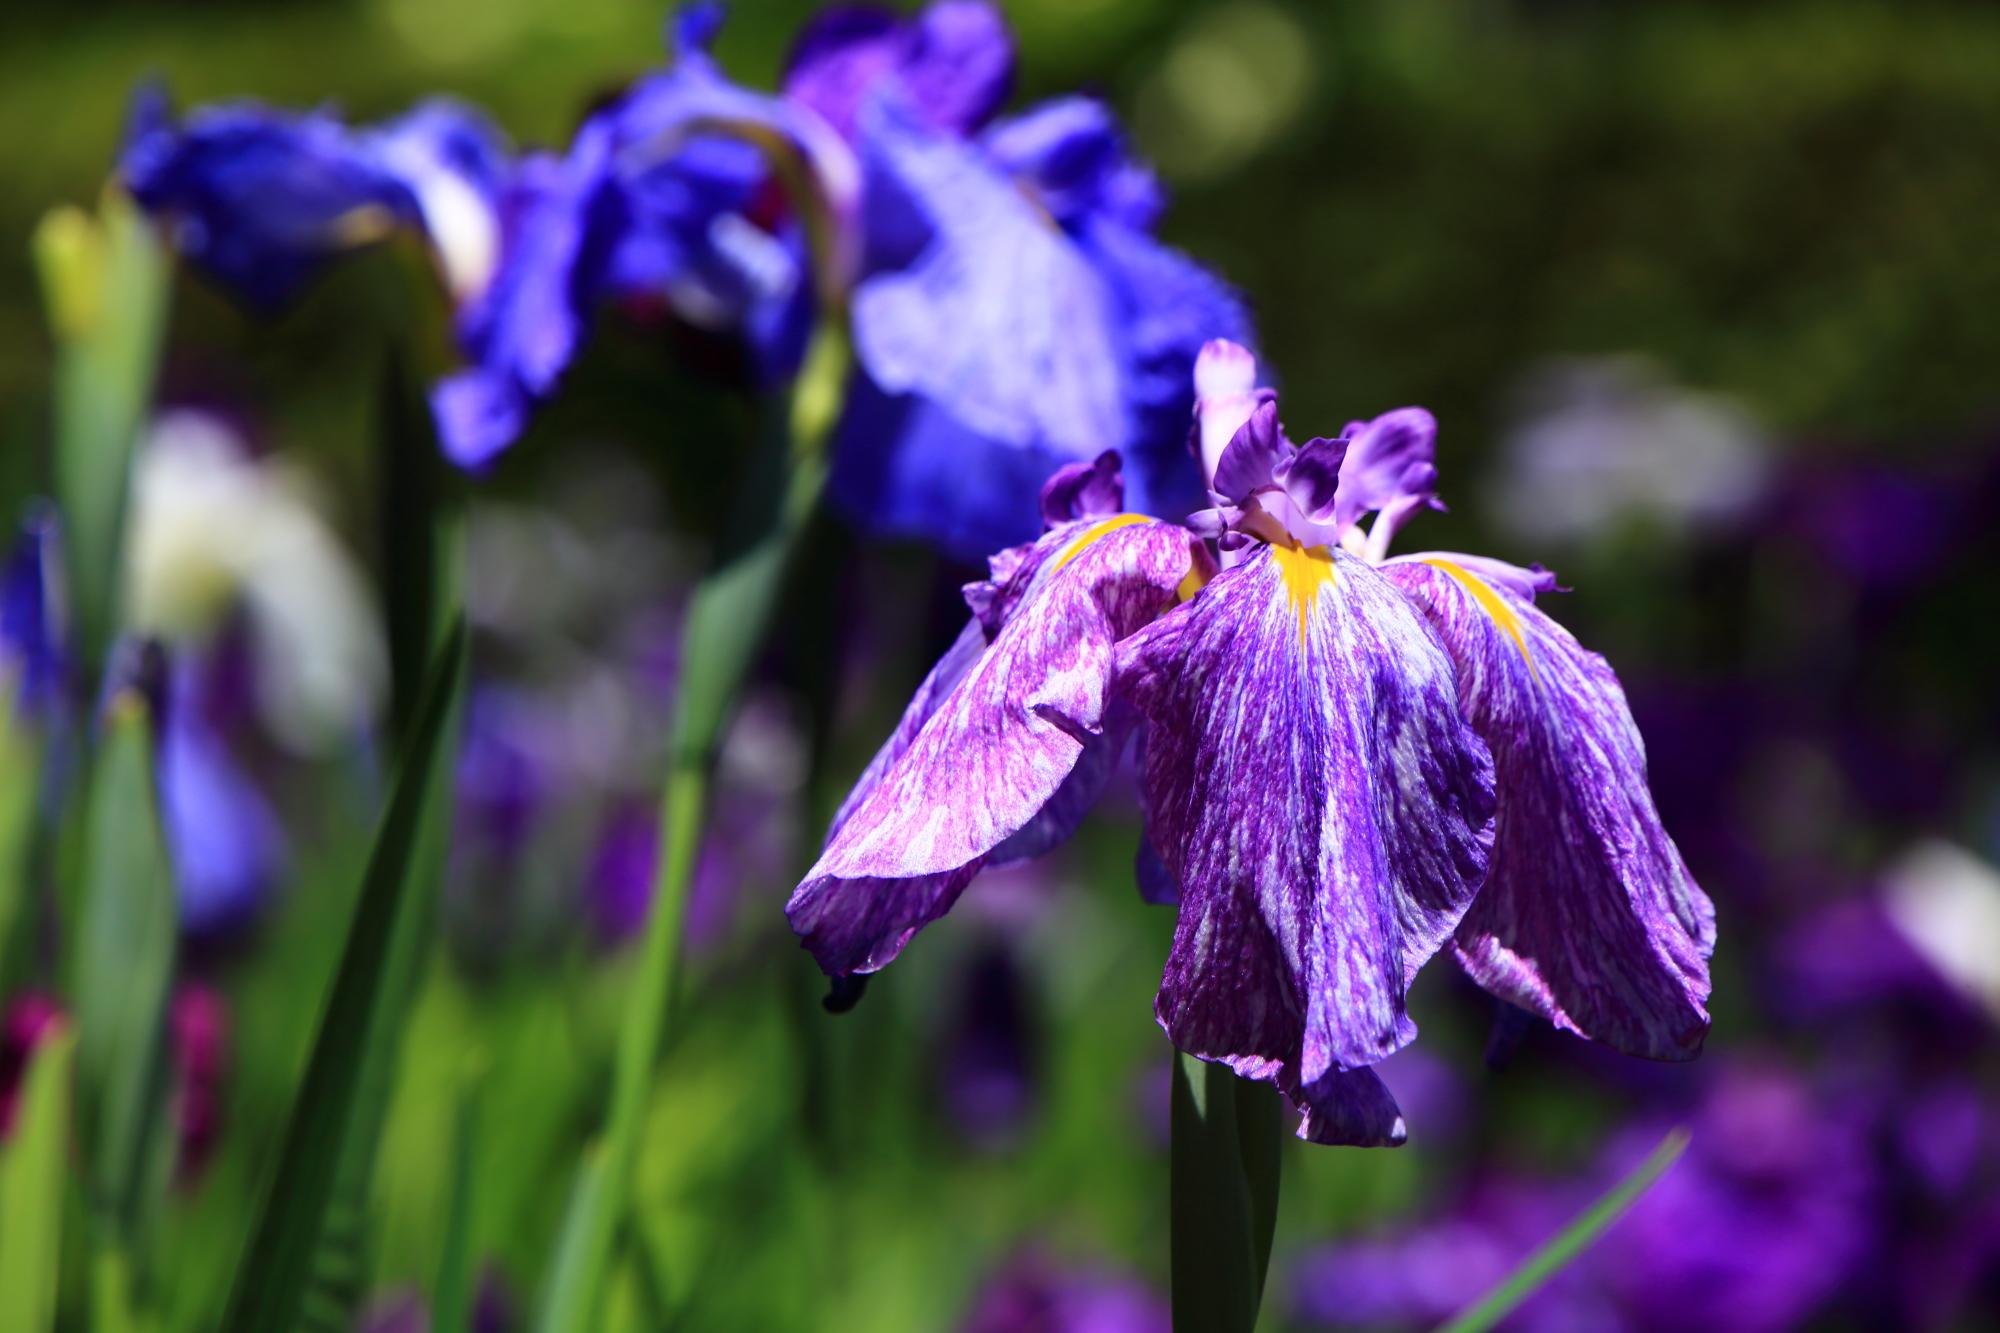 花びら一枚一枚非常に細かな模様が出来ている花ショウブ